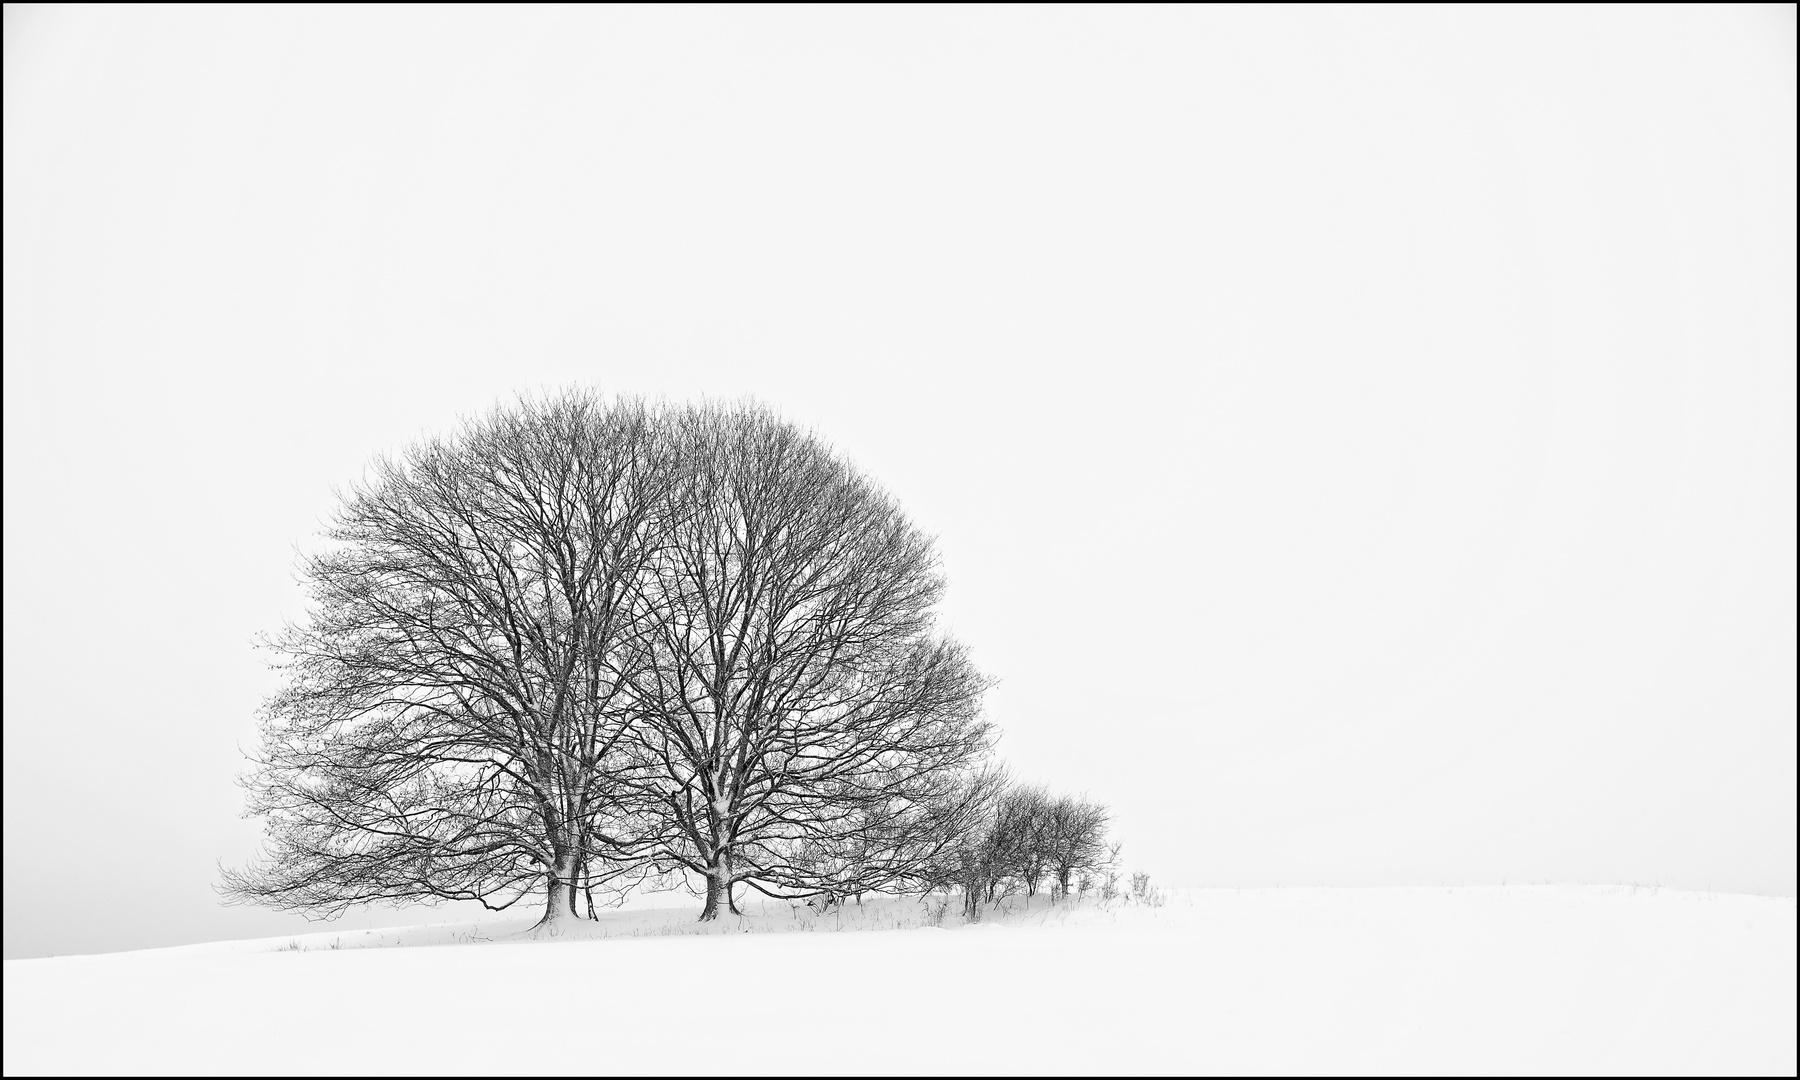 Im Westerwald. Im Winter. Im Schnee: Lindenpaar